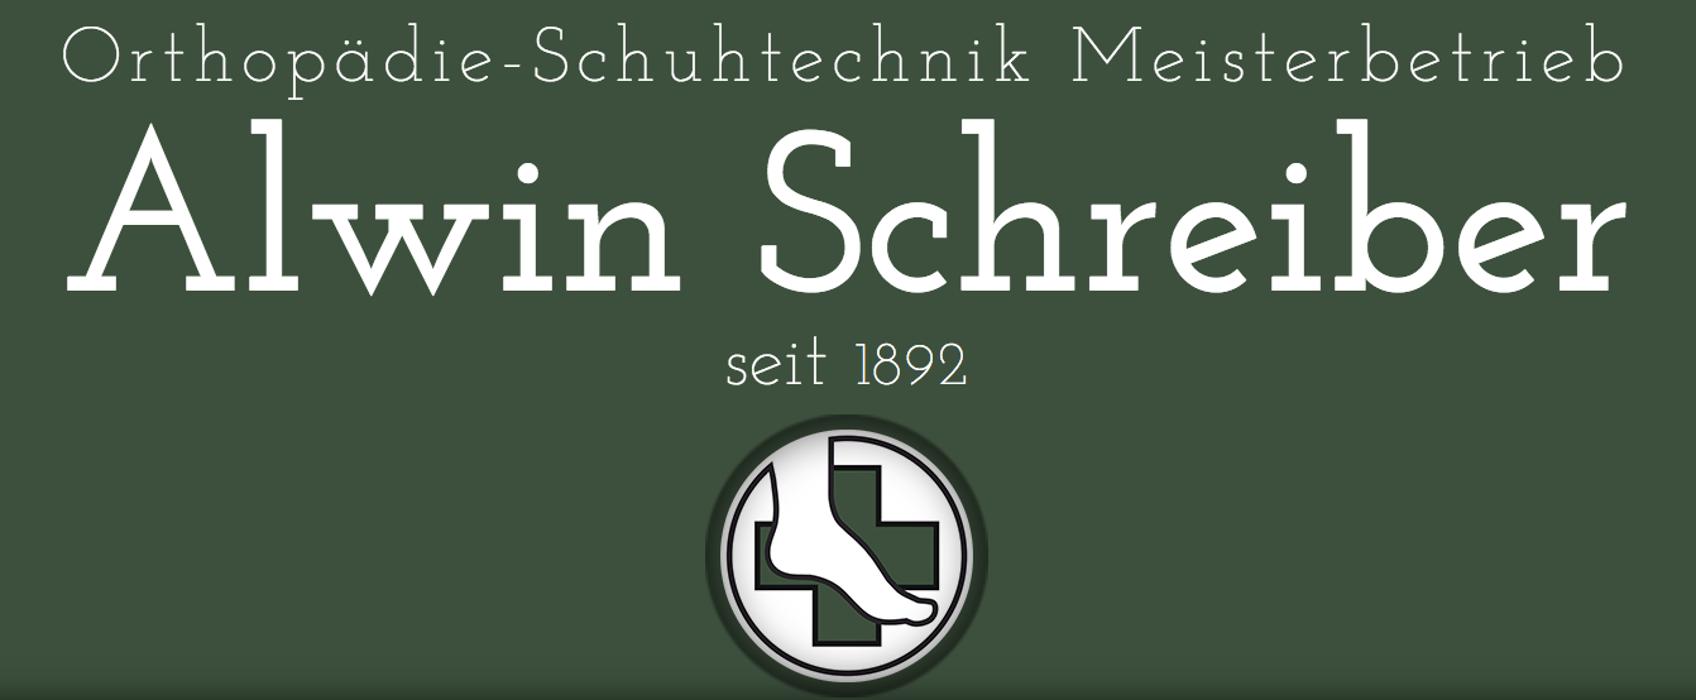 Bild zu Orthopädie-Schuhtechnik Meisterbetrieb Alwin Schreiber in Mannheim